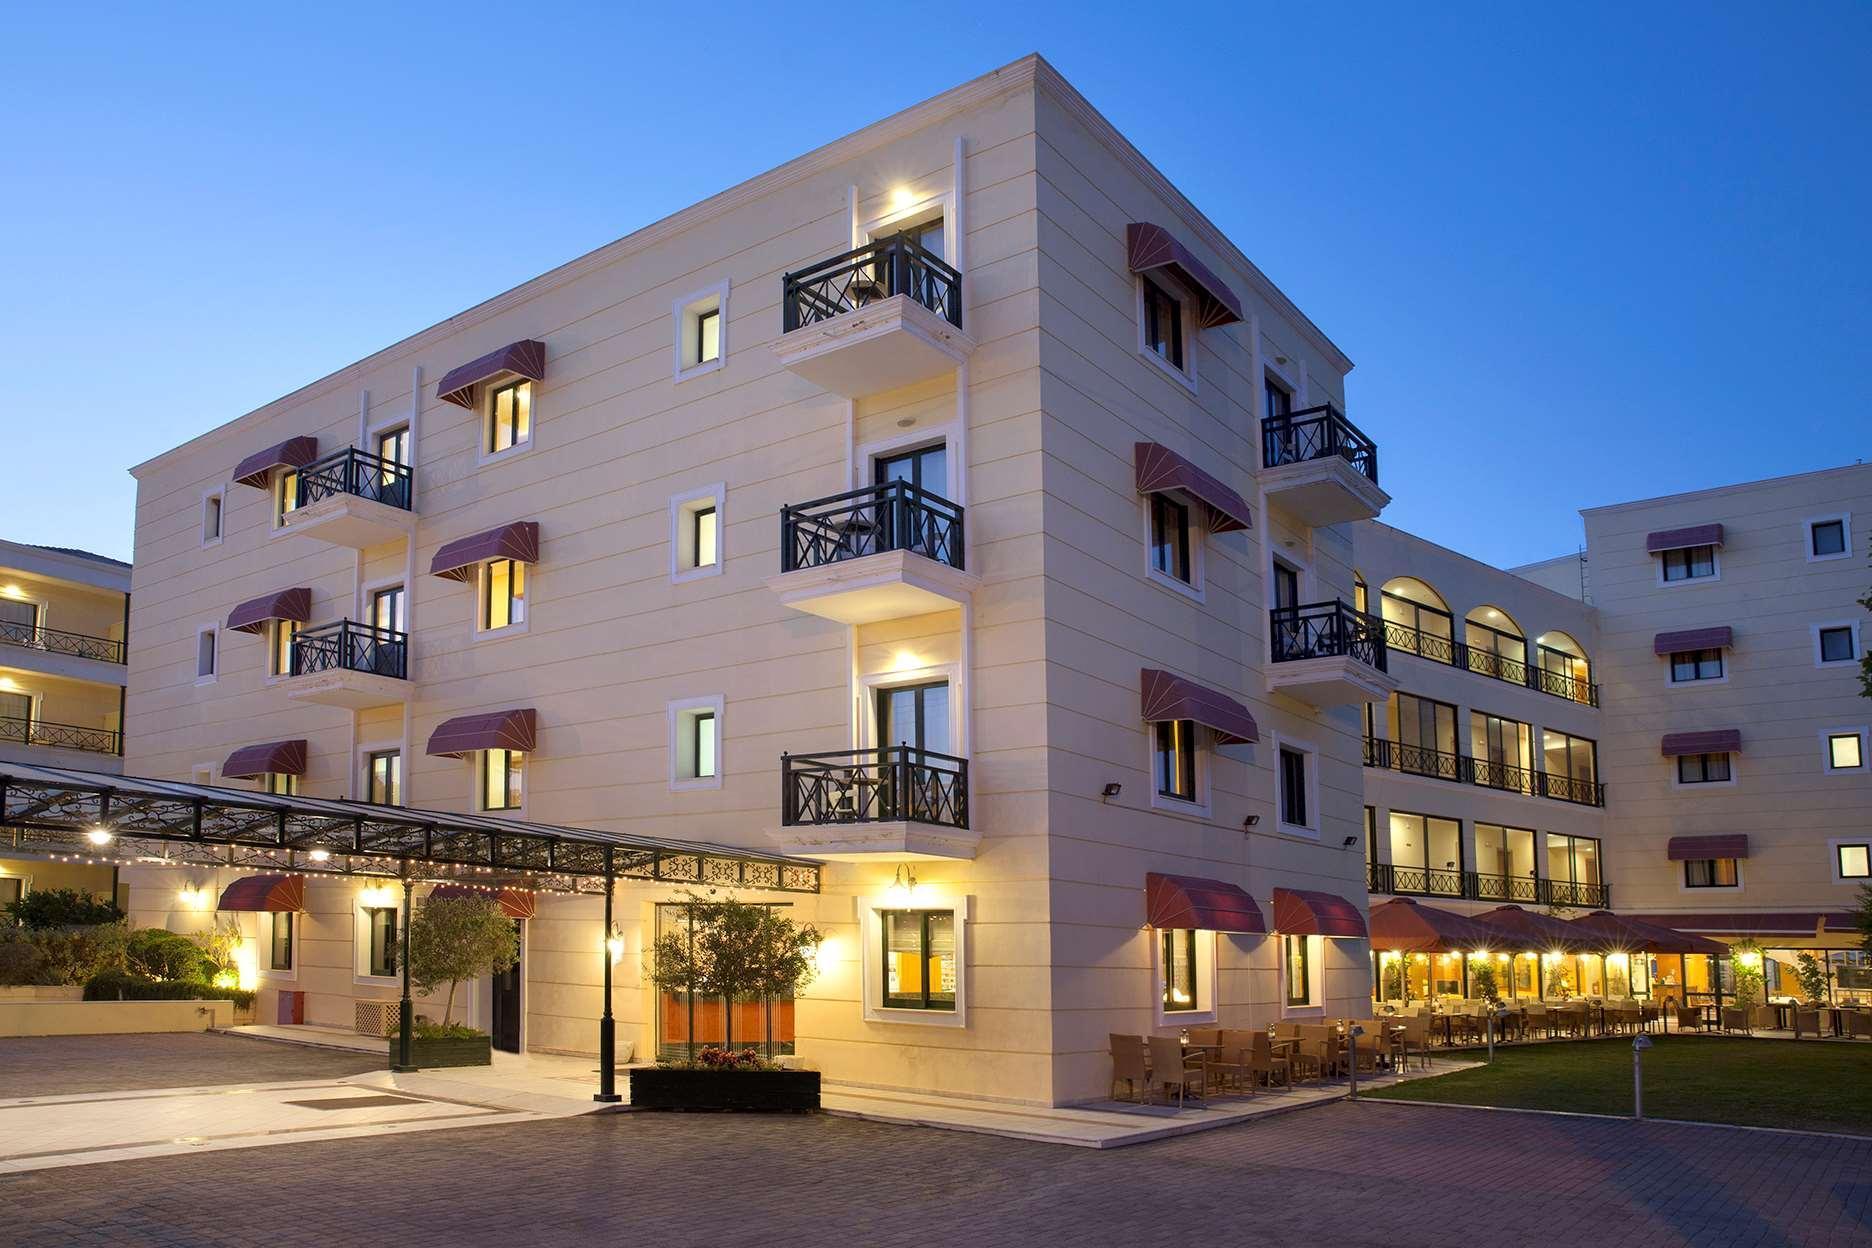 Ramada By Wyndham Attica Riviera